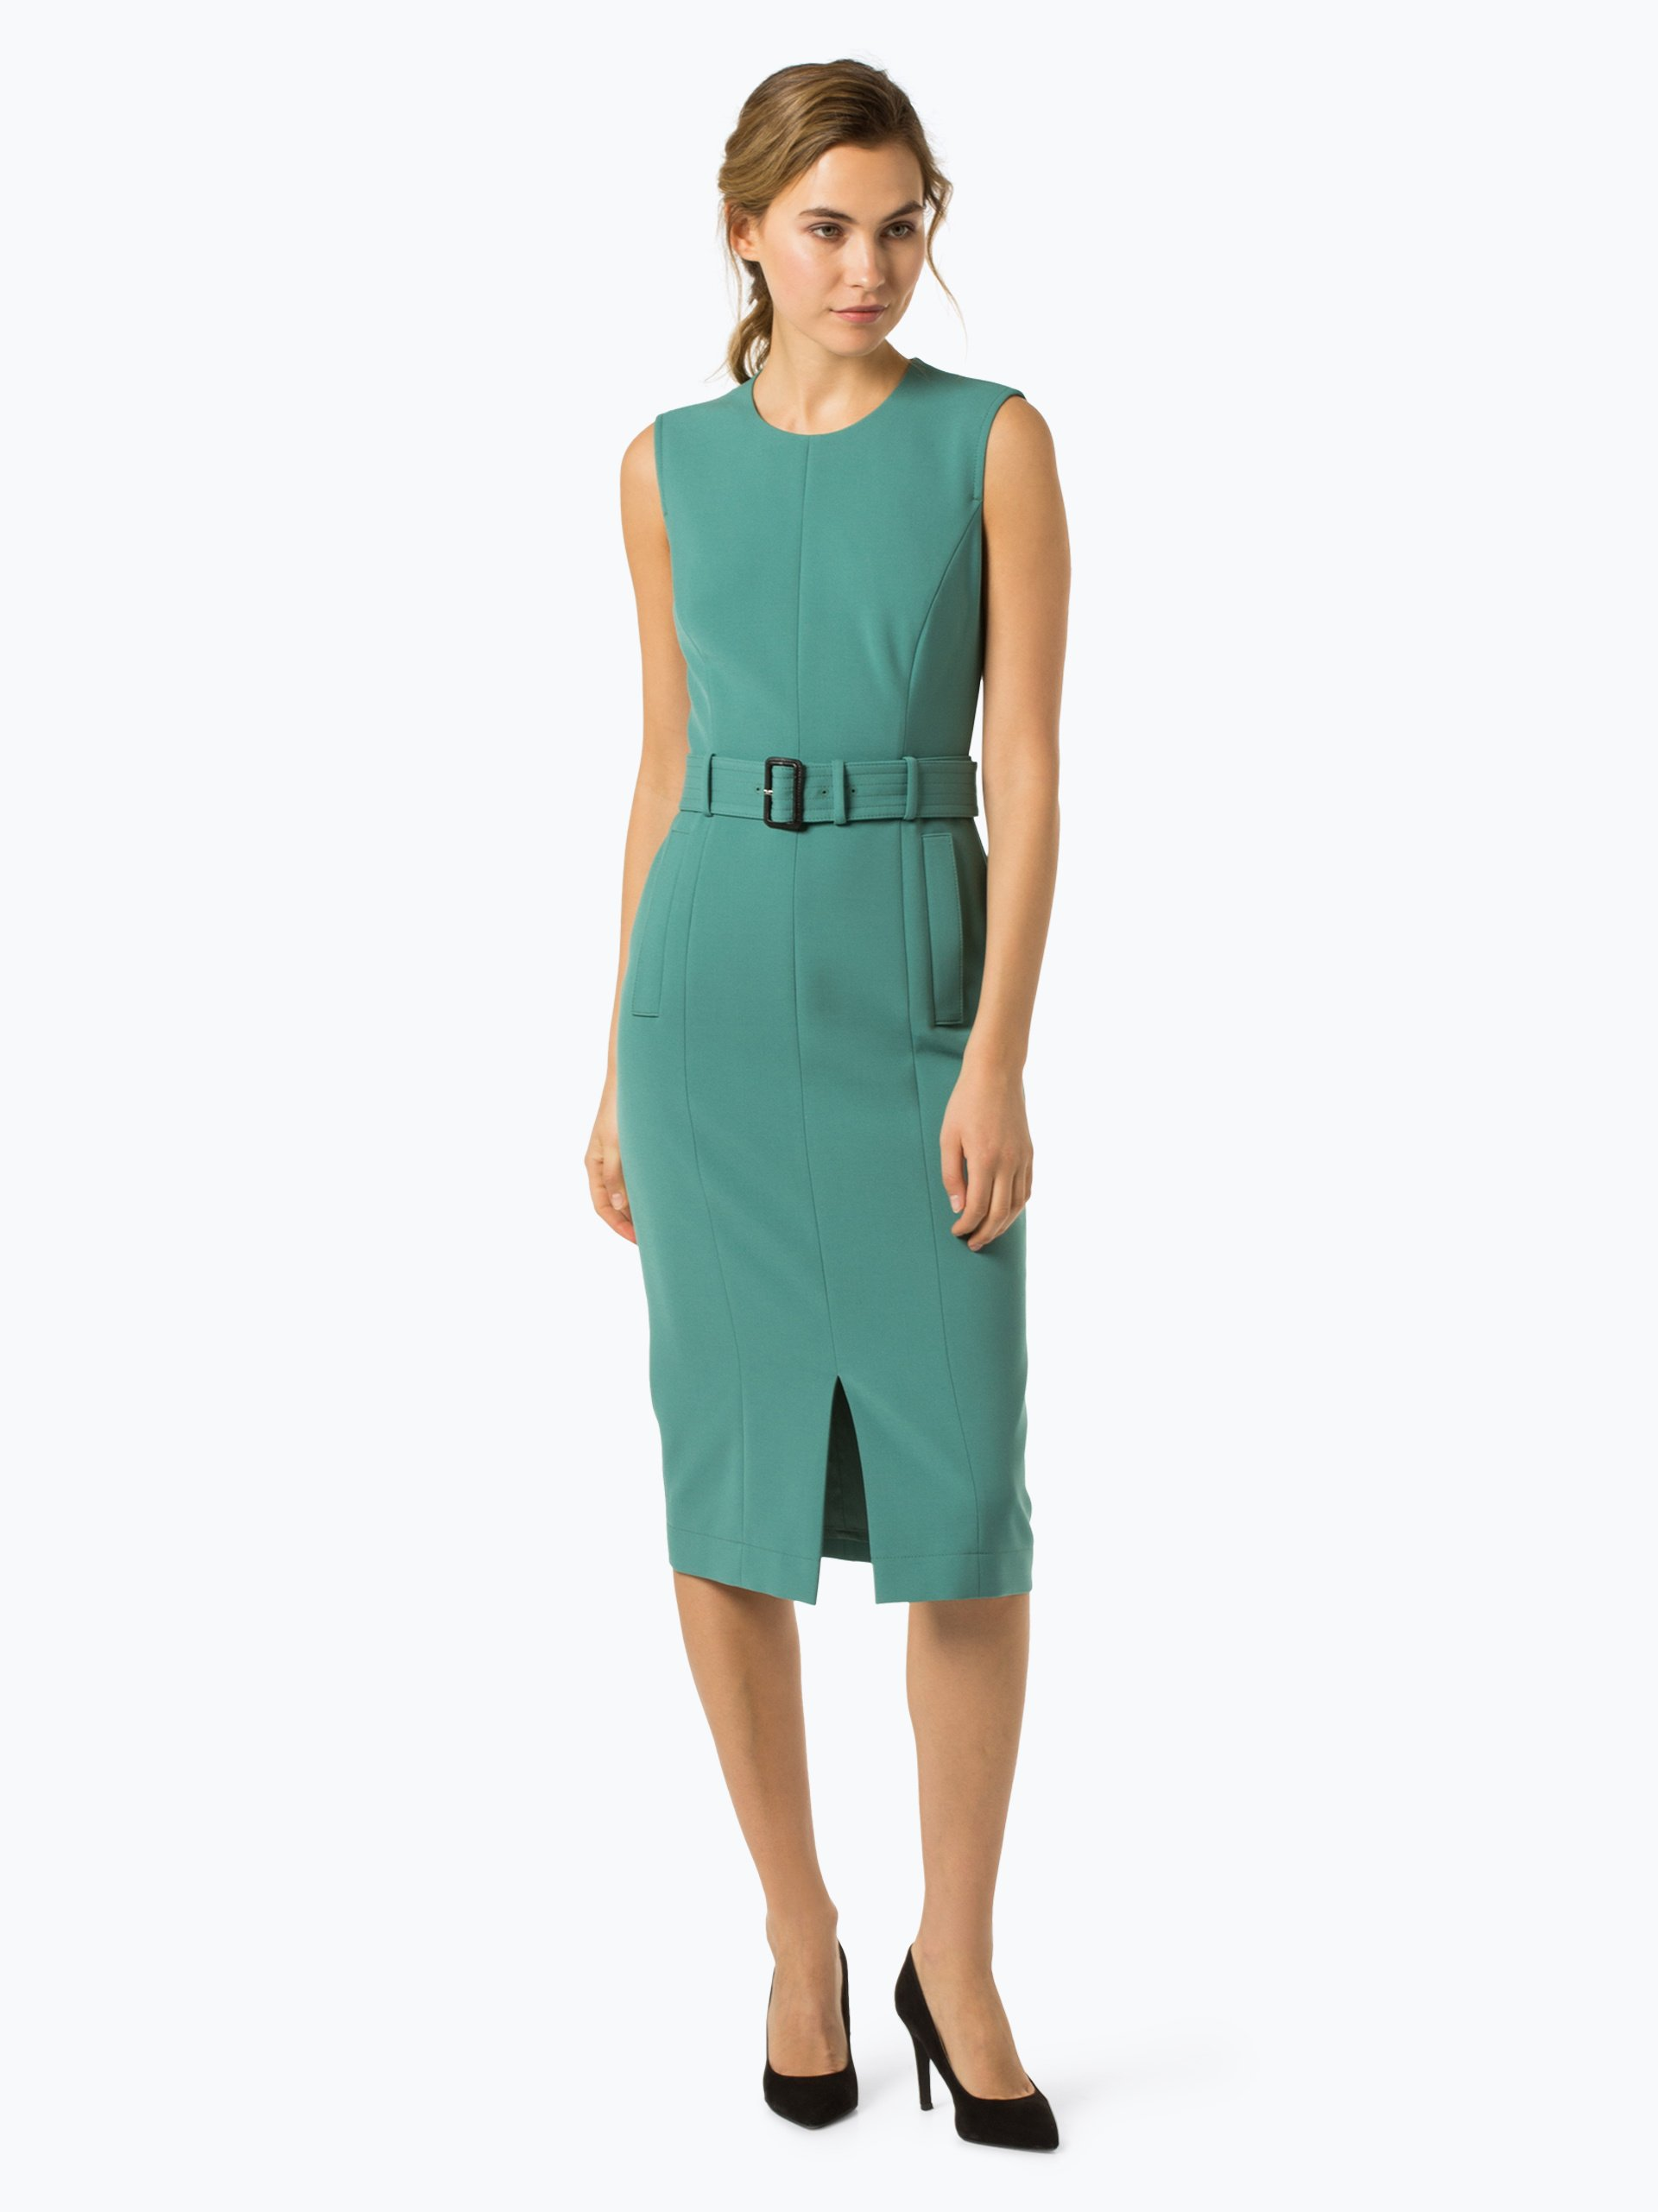 BOSS Damen Kleid - Dadoria